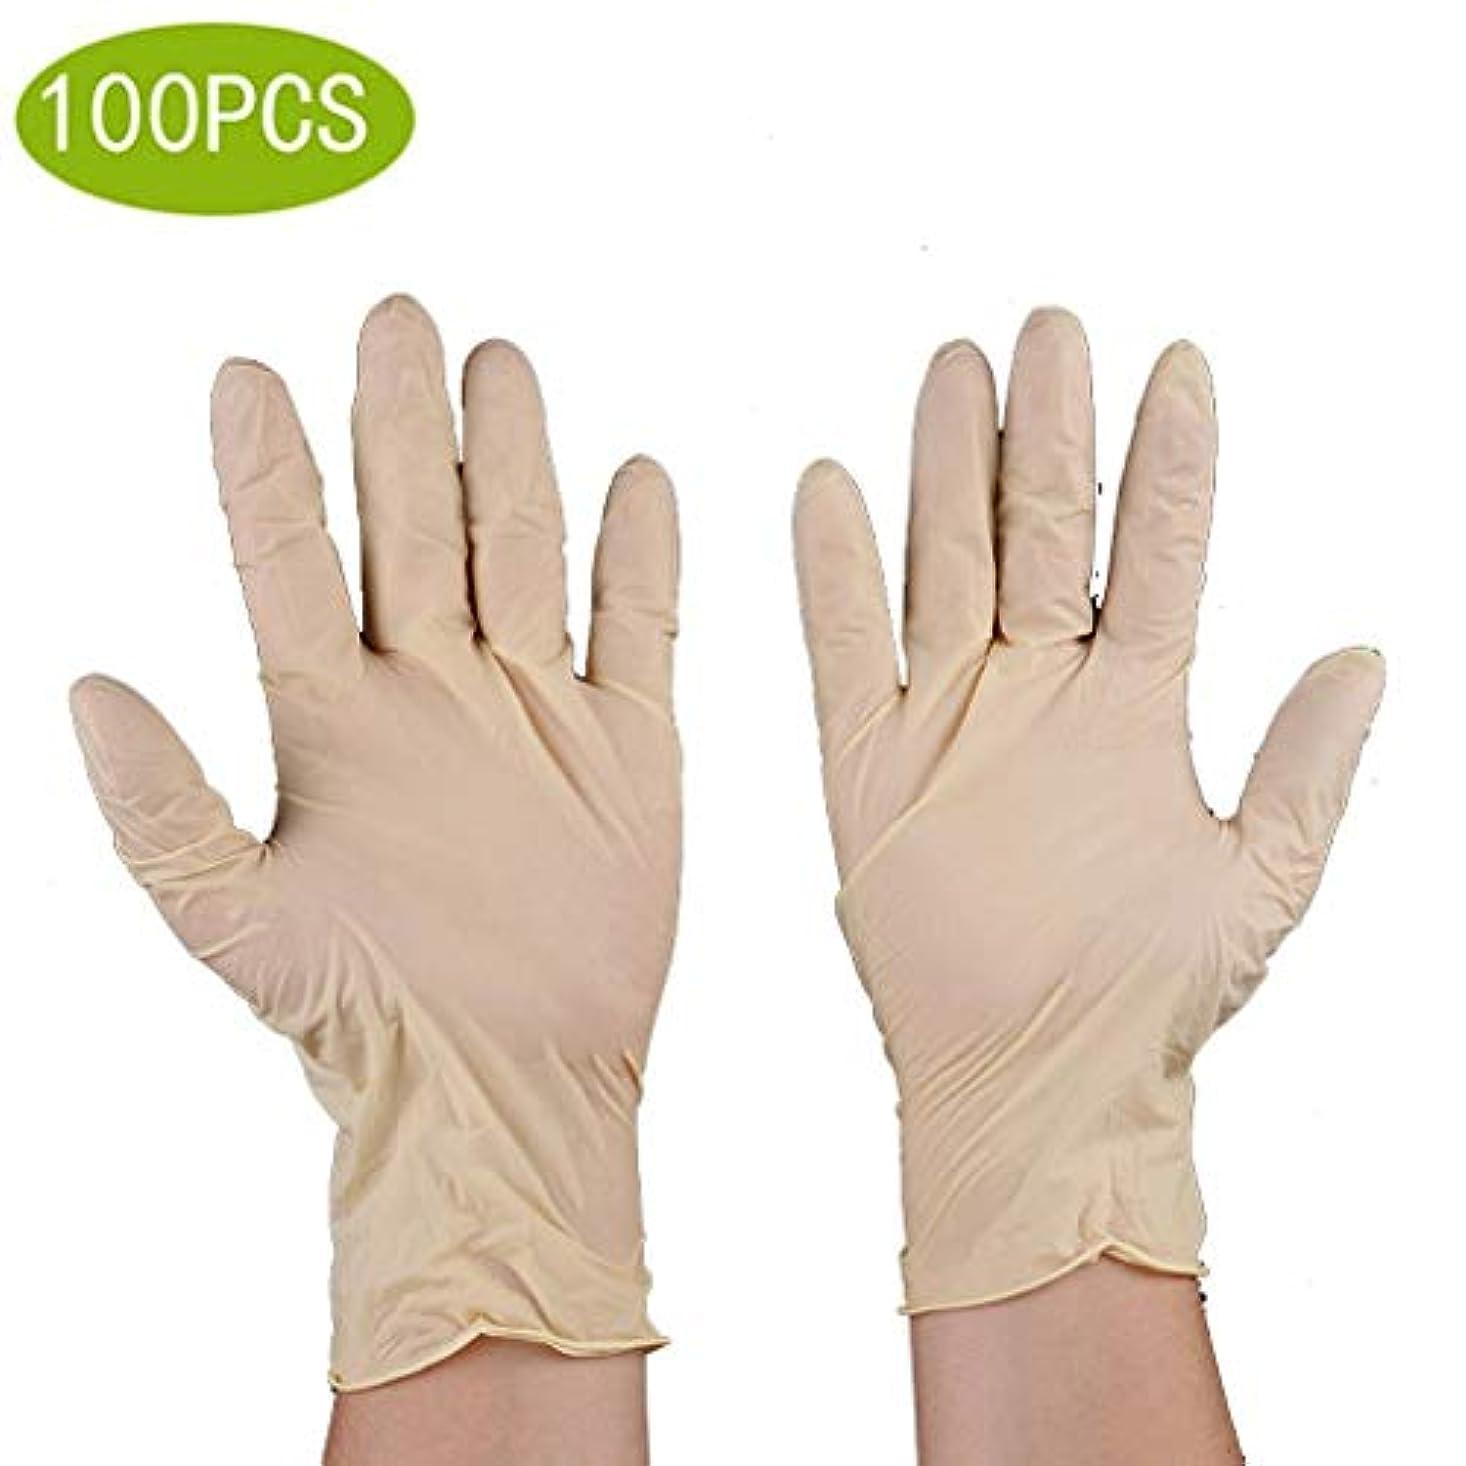 コンベンション一般的に雇った使い捨て手袋食品ケータリング手術丁清ゴム労働保護ラテックス肌キッチン厚い試験/食品グレード安全用品、使い捨てハンドグローブディスペンサー[100個] (Size : S)